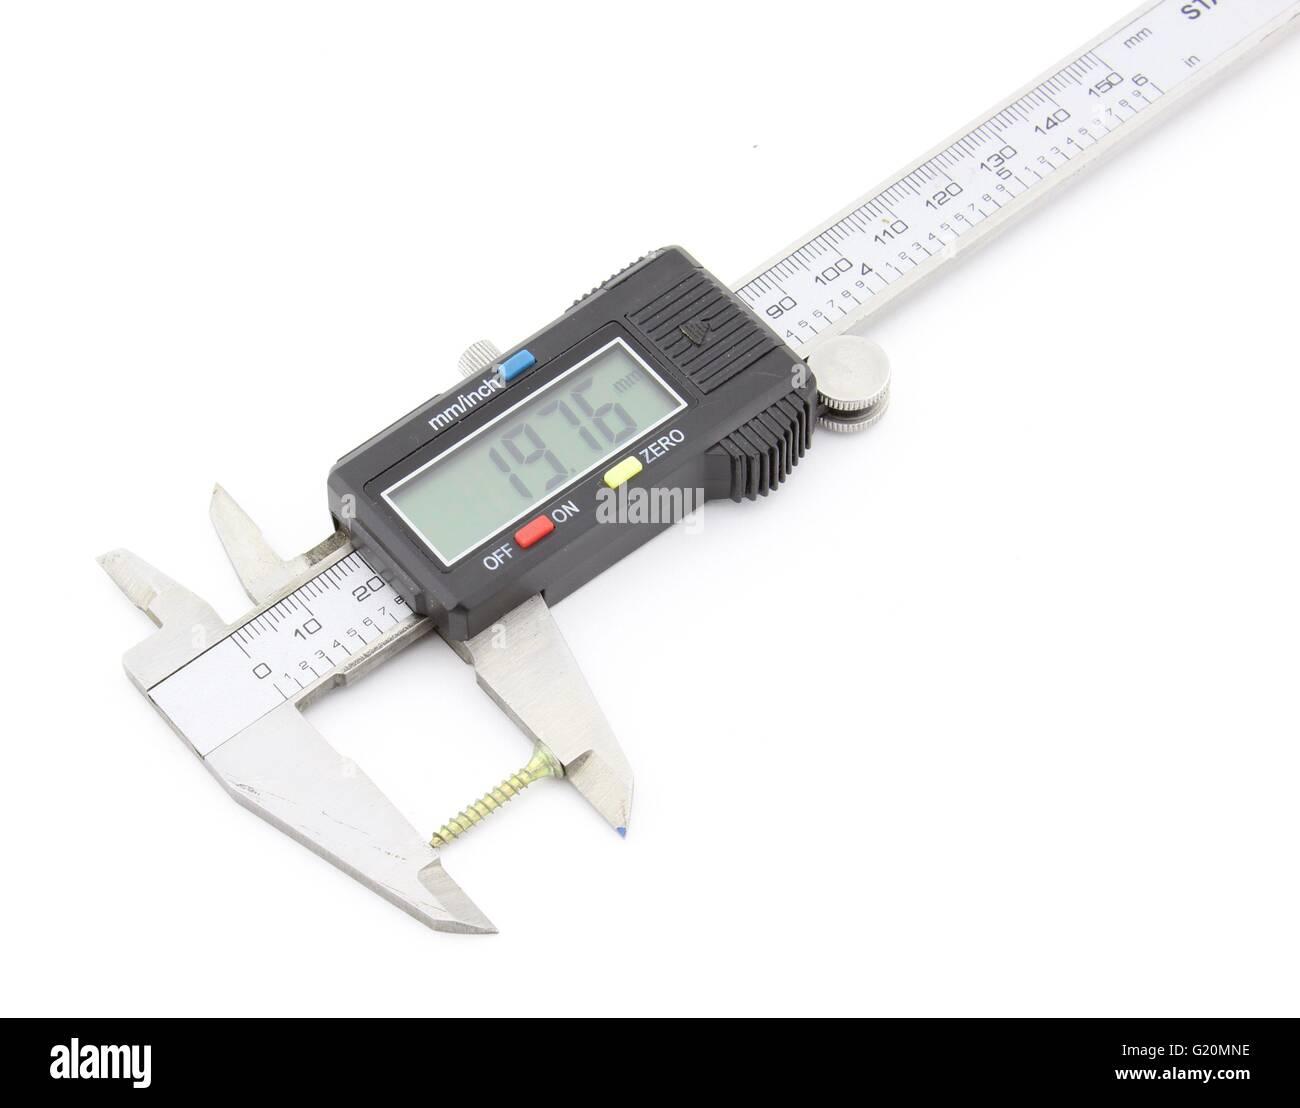 Digital caliper, screw measuring - Stock Image